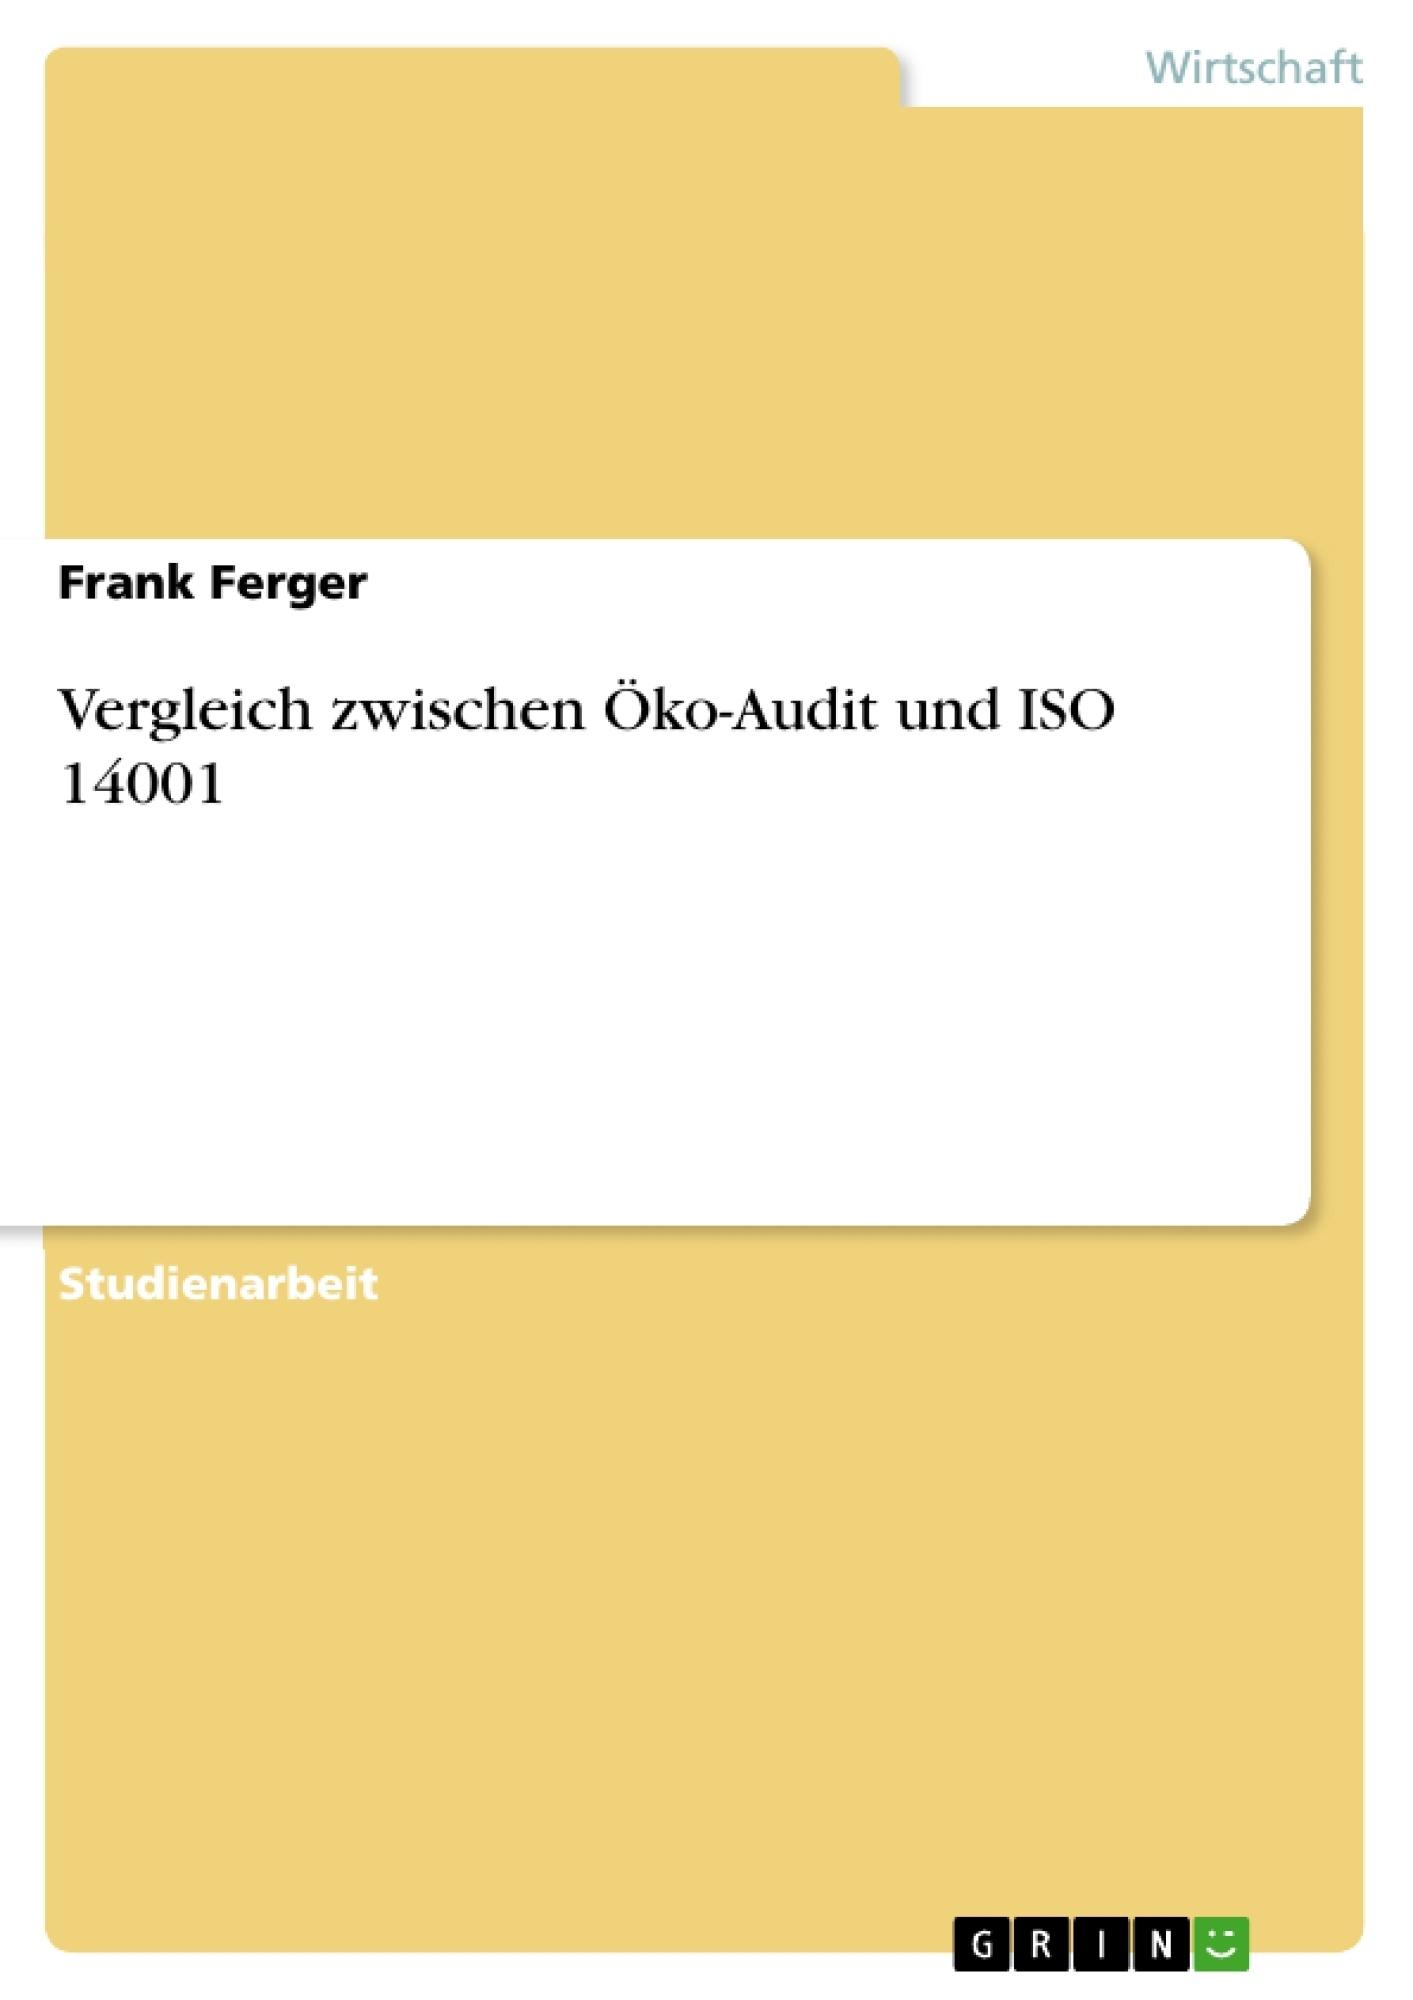 Titel: Vergleich zwischen Öko-Audit und ISO 14001